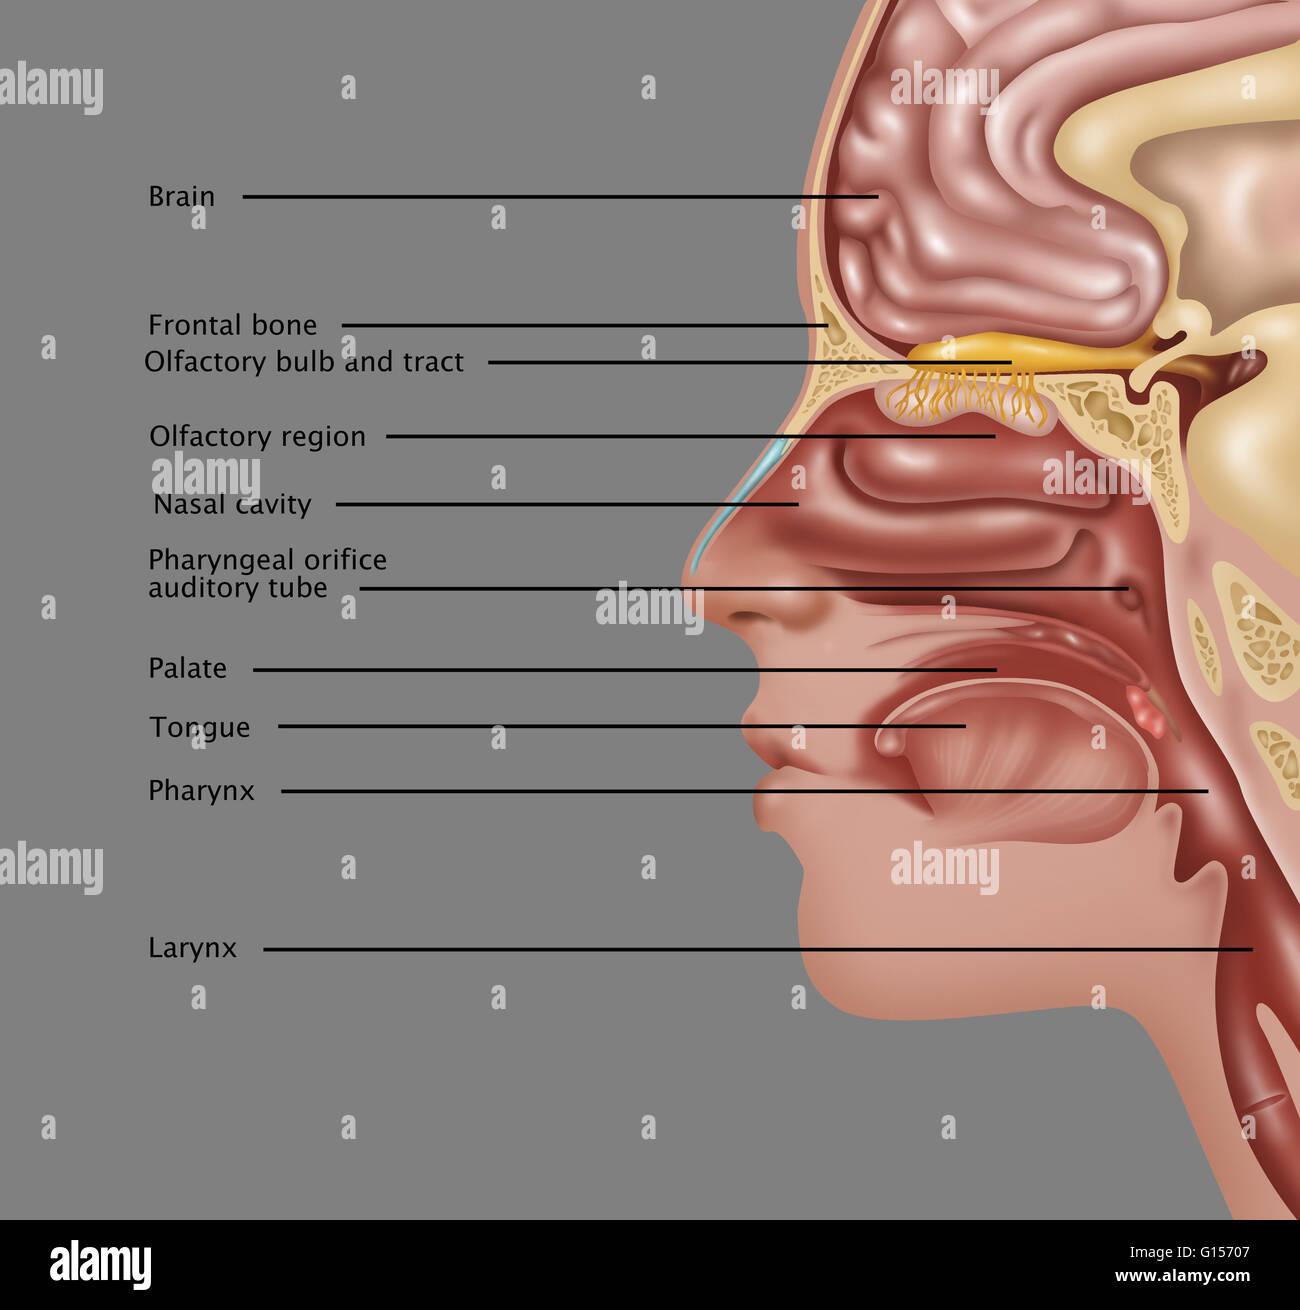 Abbildung der Anatomie in der Geruchssinn verwendet. Die folgenden ...